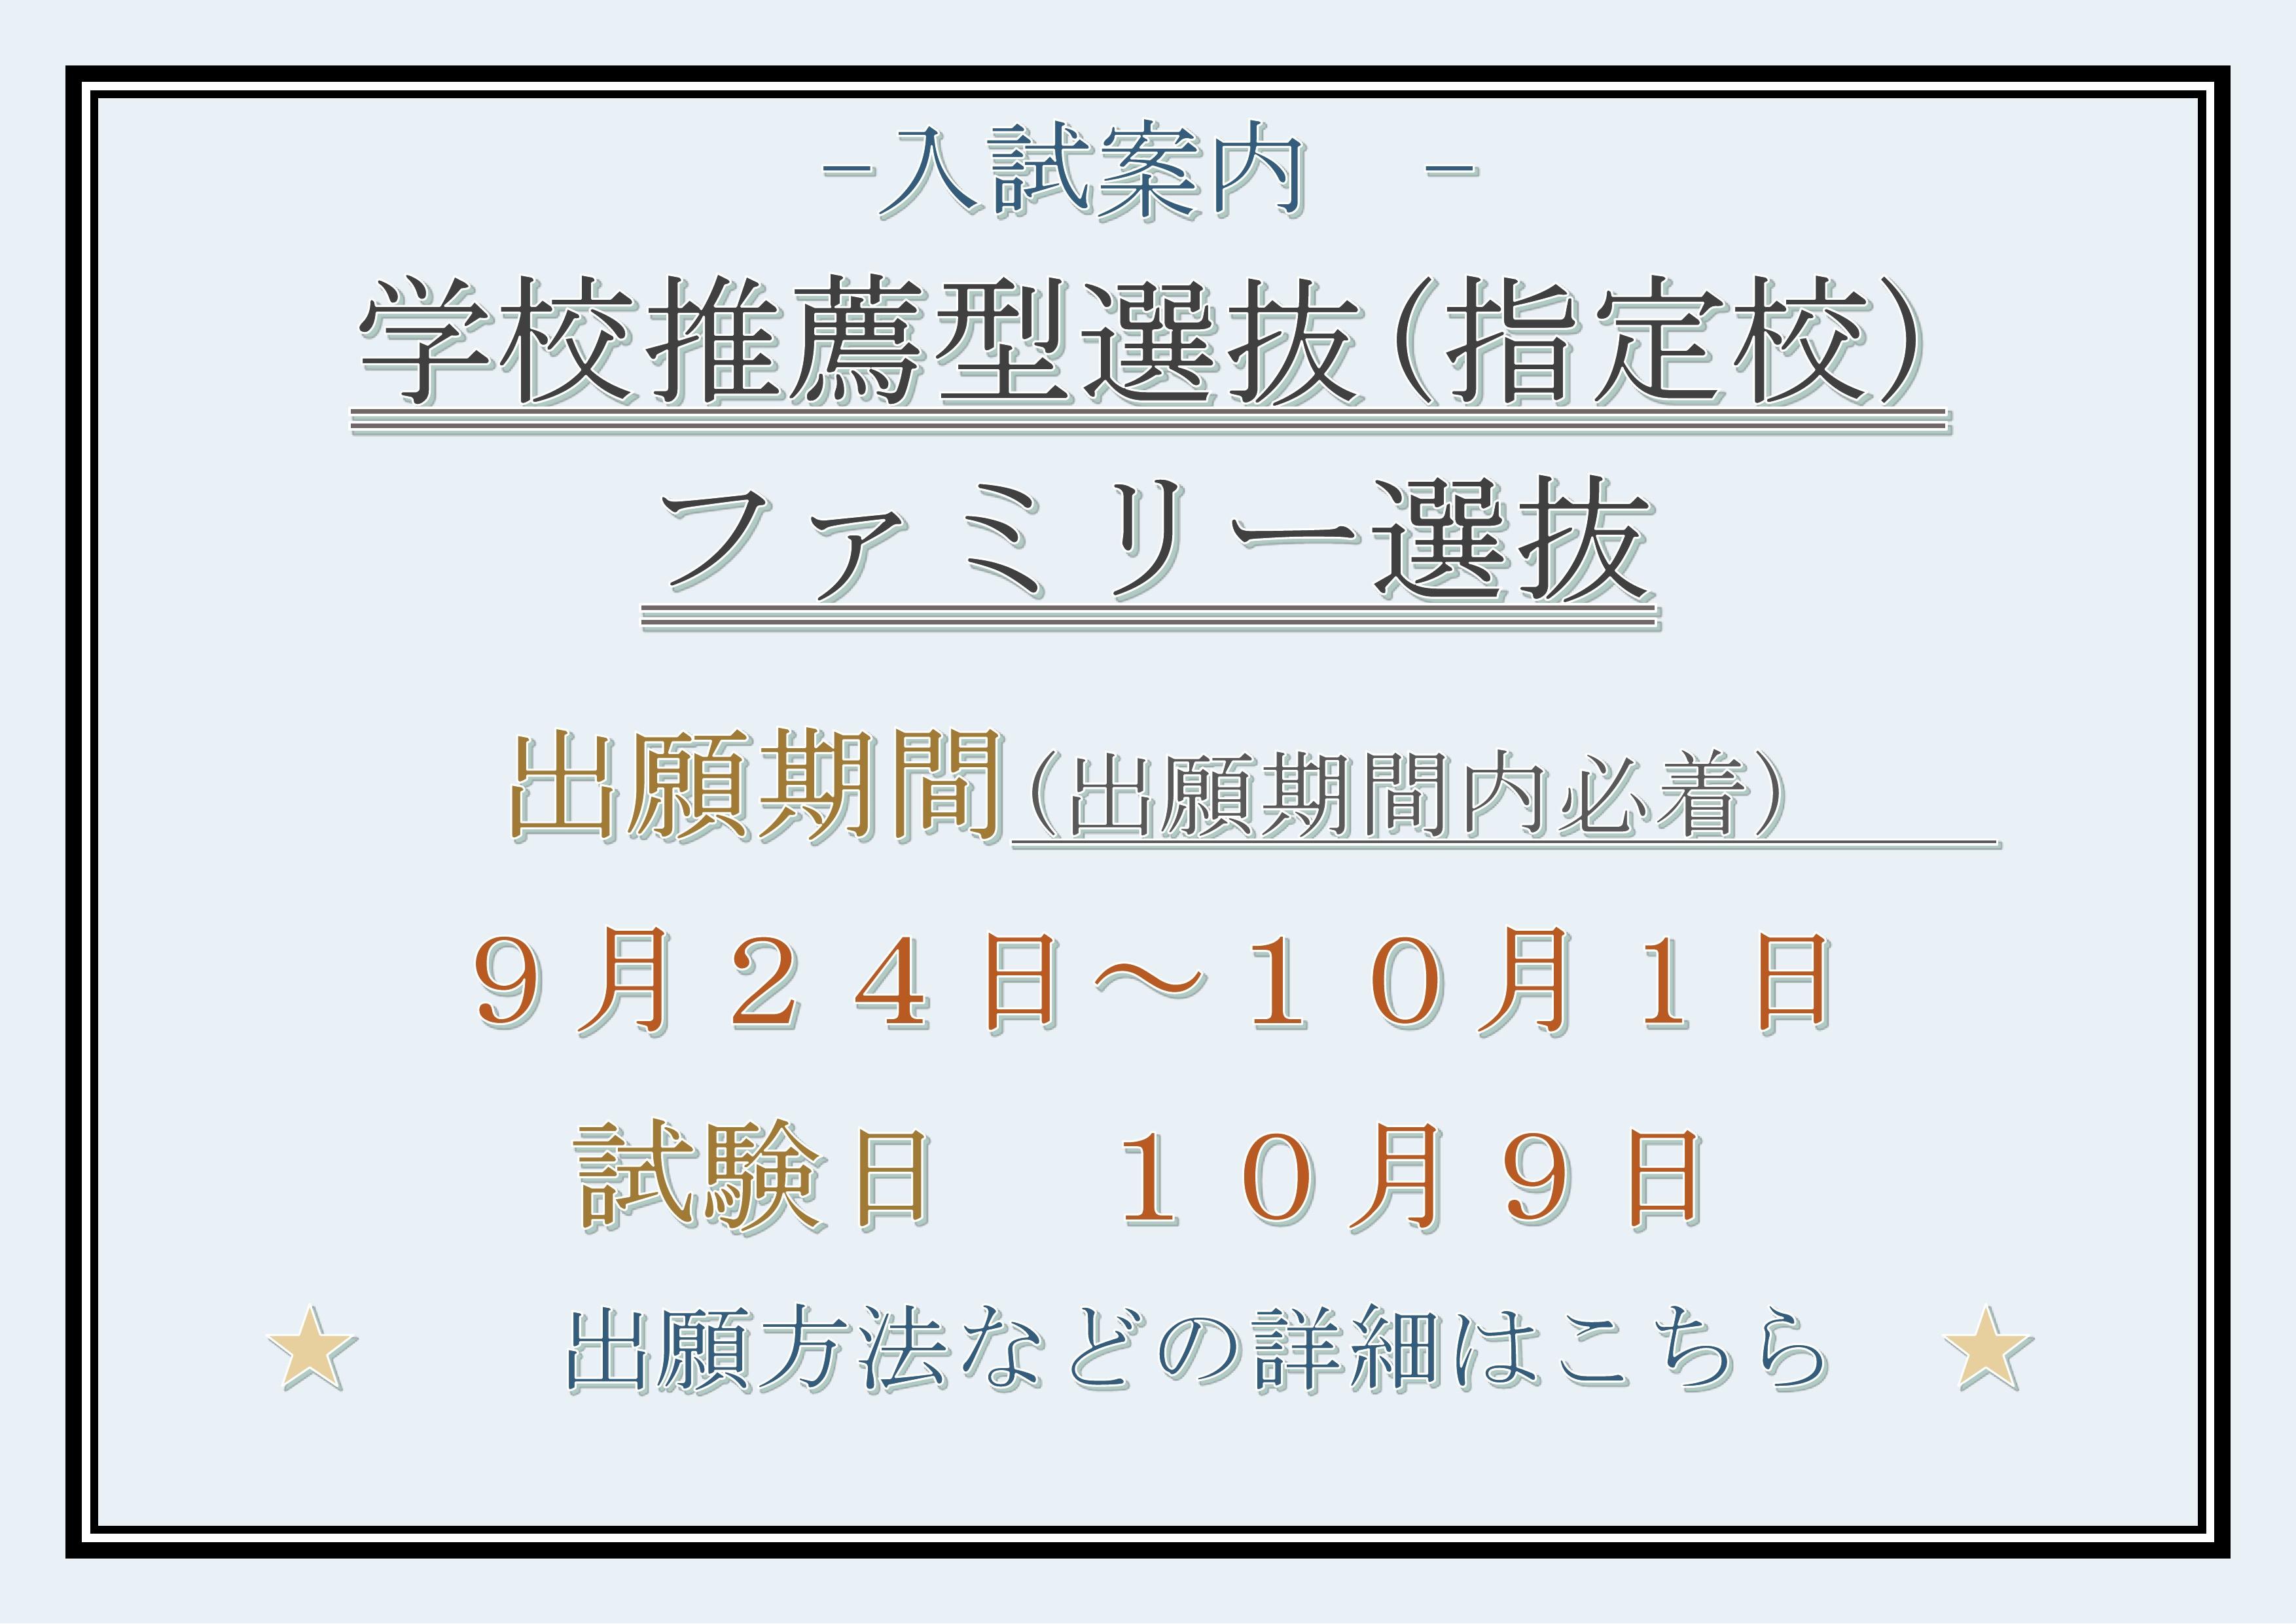 総合型選抜入試・社会人選抜A入試